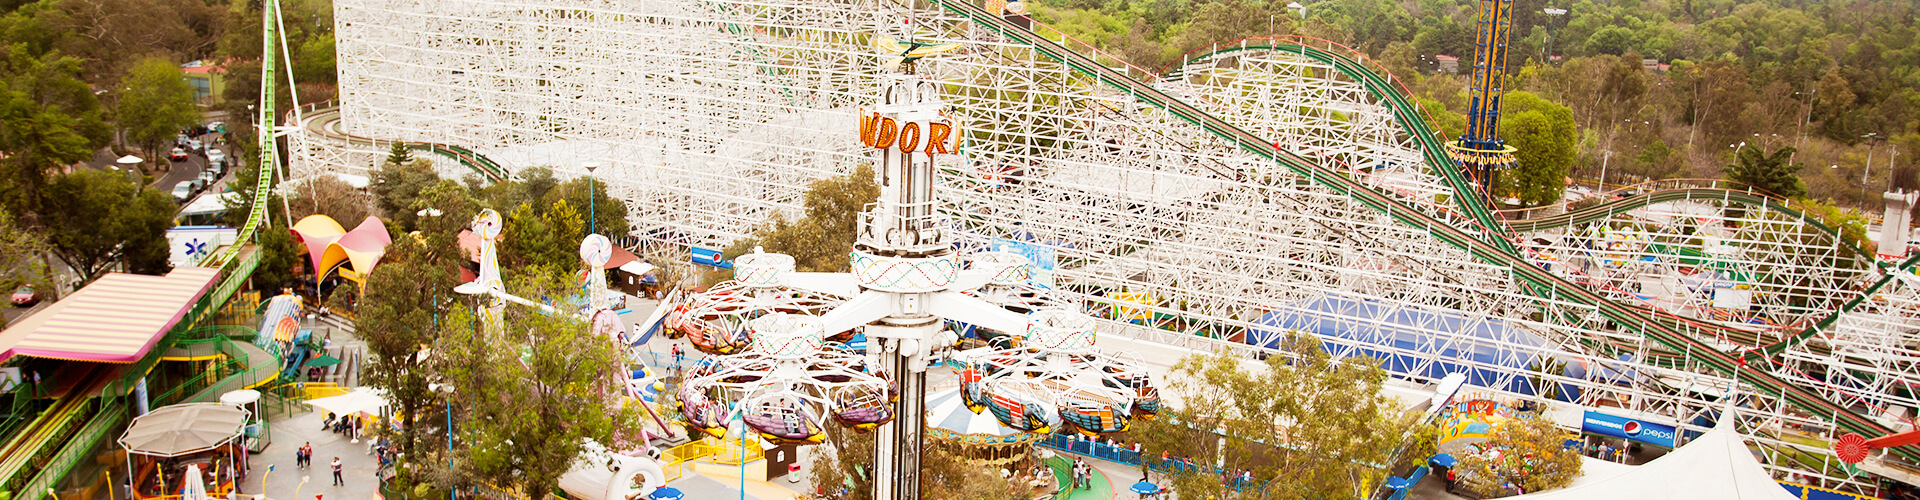 Diversiones Atracciones Y Juegos Mecanicos De La Feria De Chapultepec